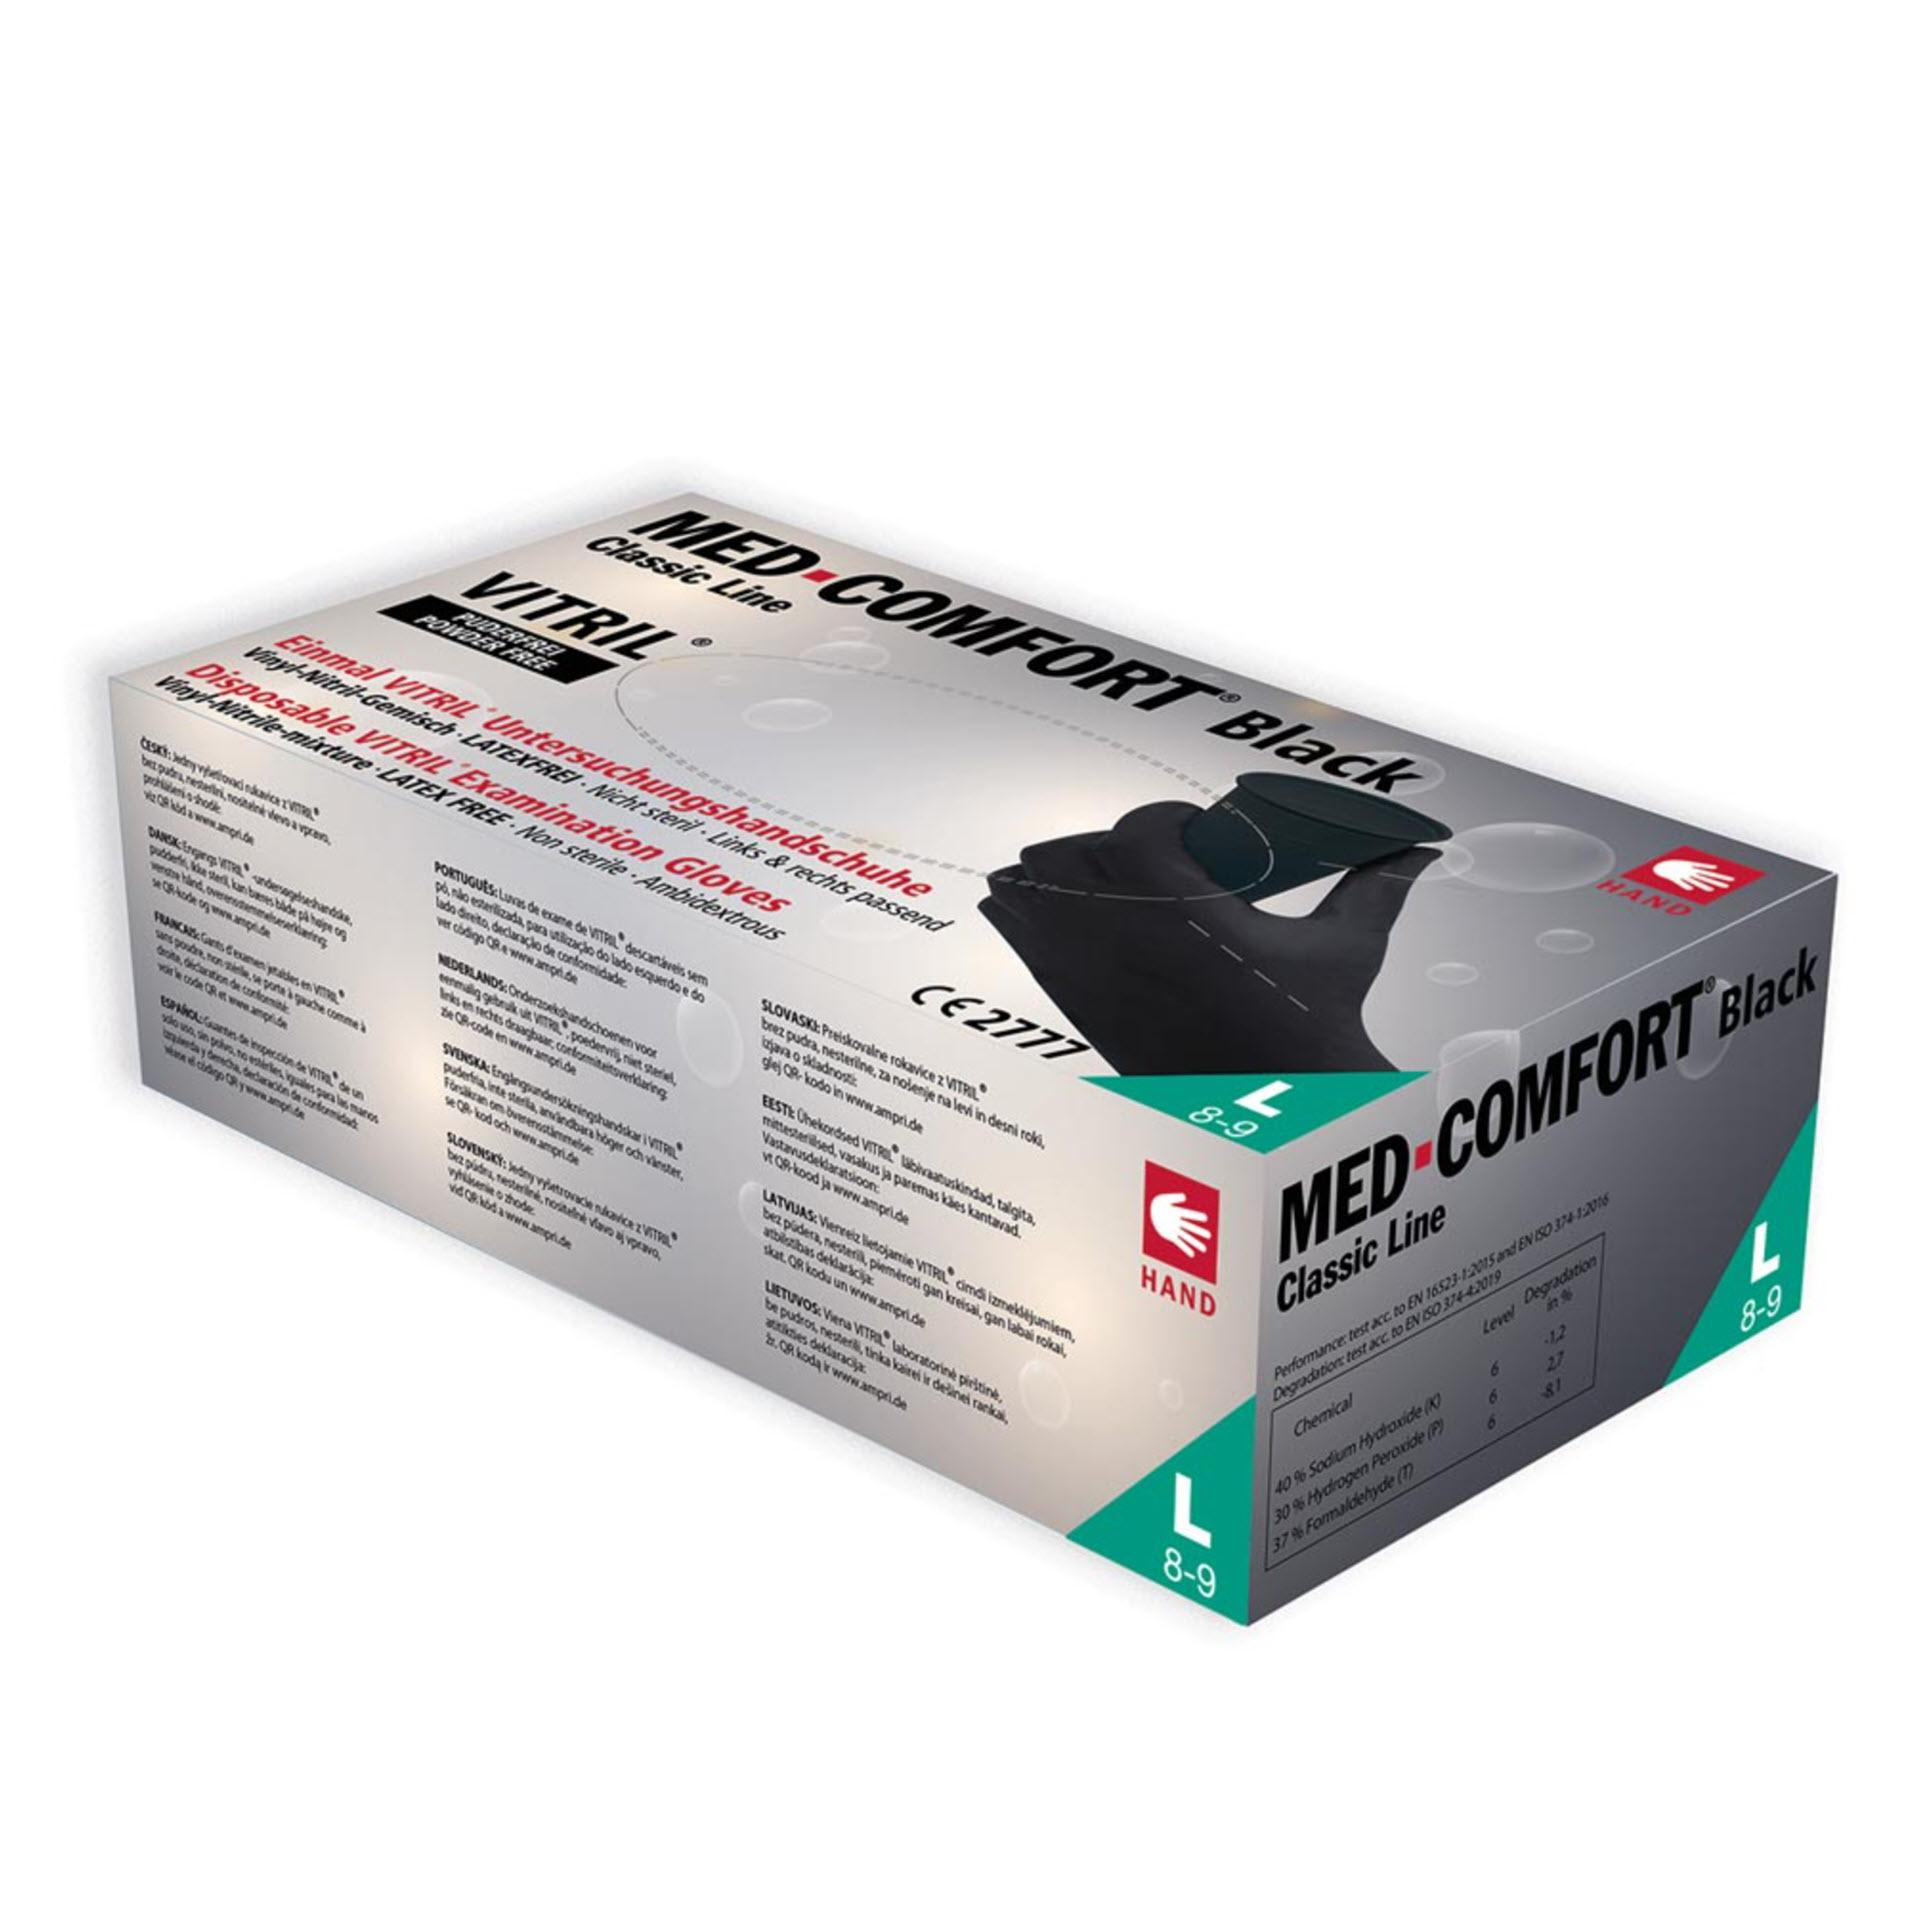 AMPri Vitril Med-Comfort Black - Einmal Vynil-Nitril Schutz- und Untersuchungshandschuh 01252